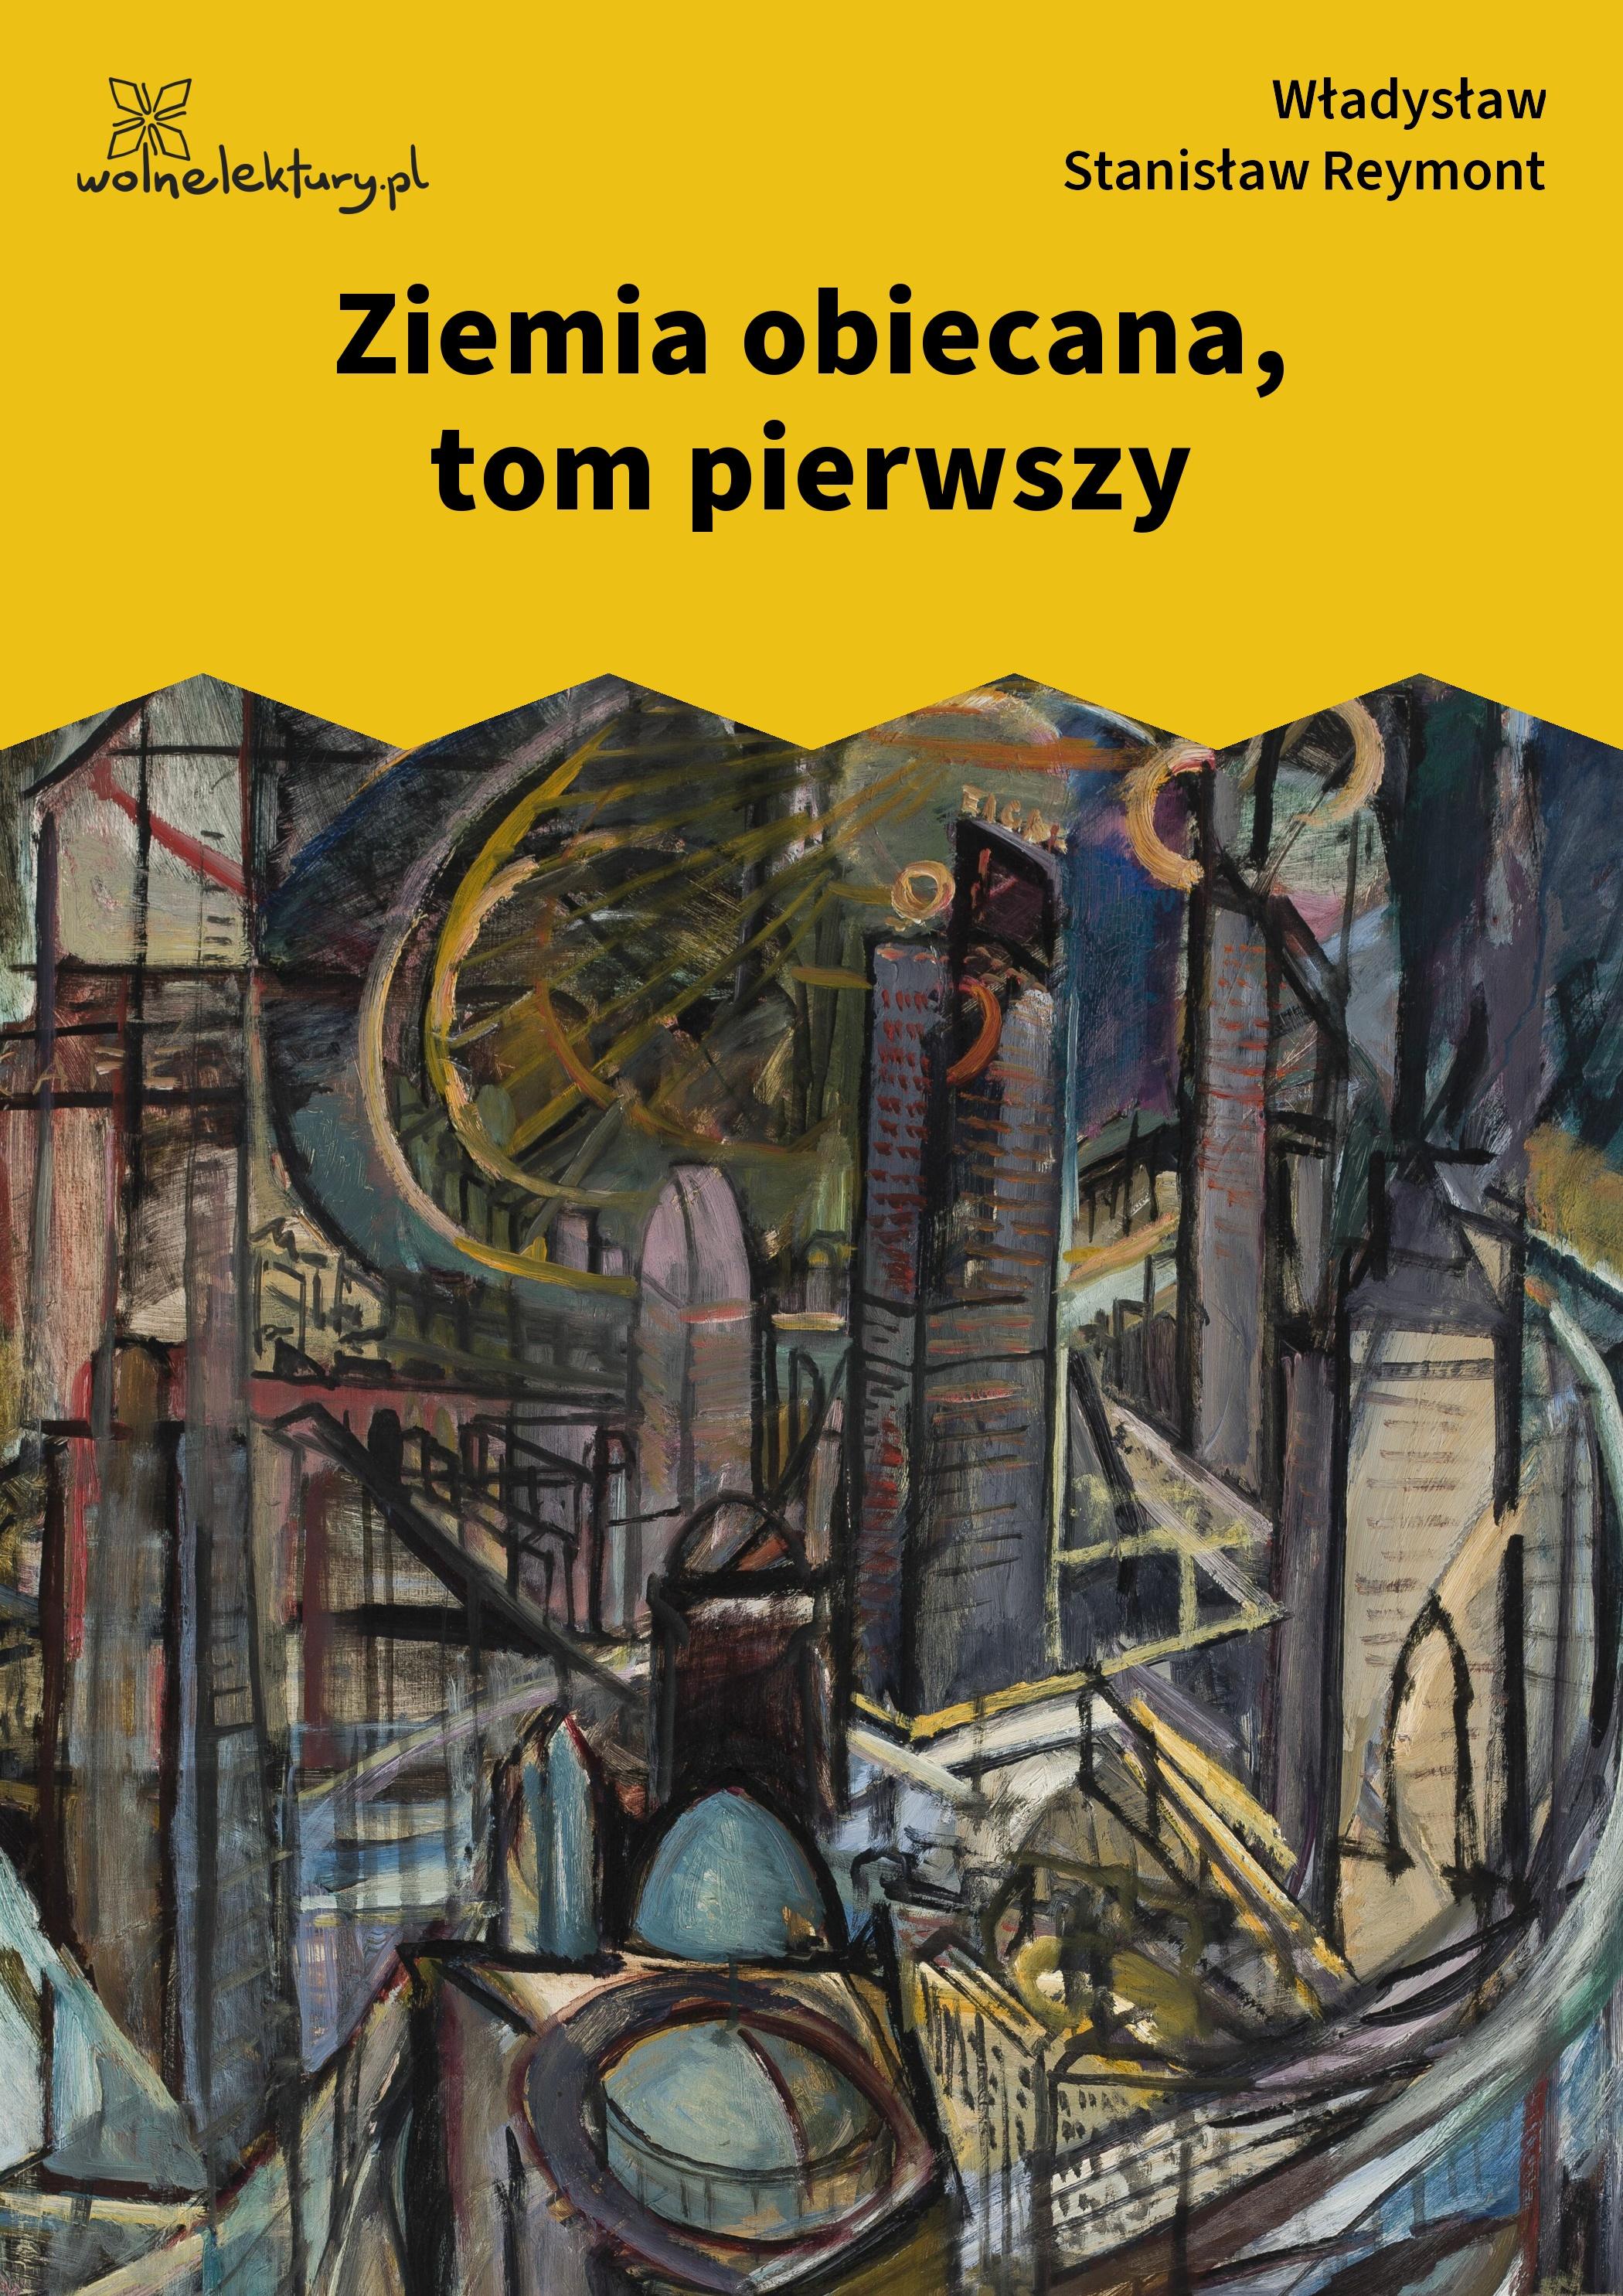 Władysław Stanisław Reymont Ziemia Obiecana Ziemia Obiecana Tom